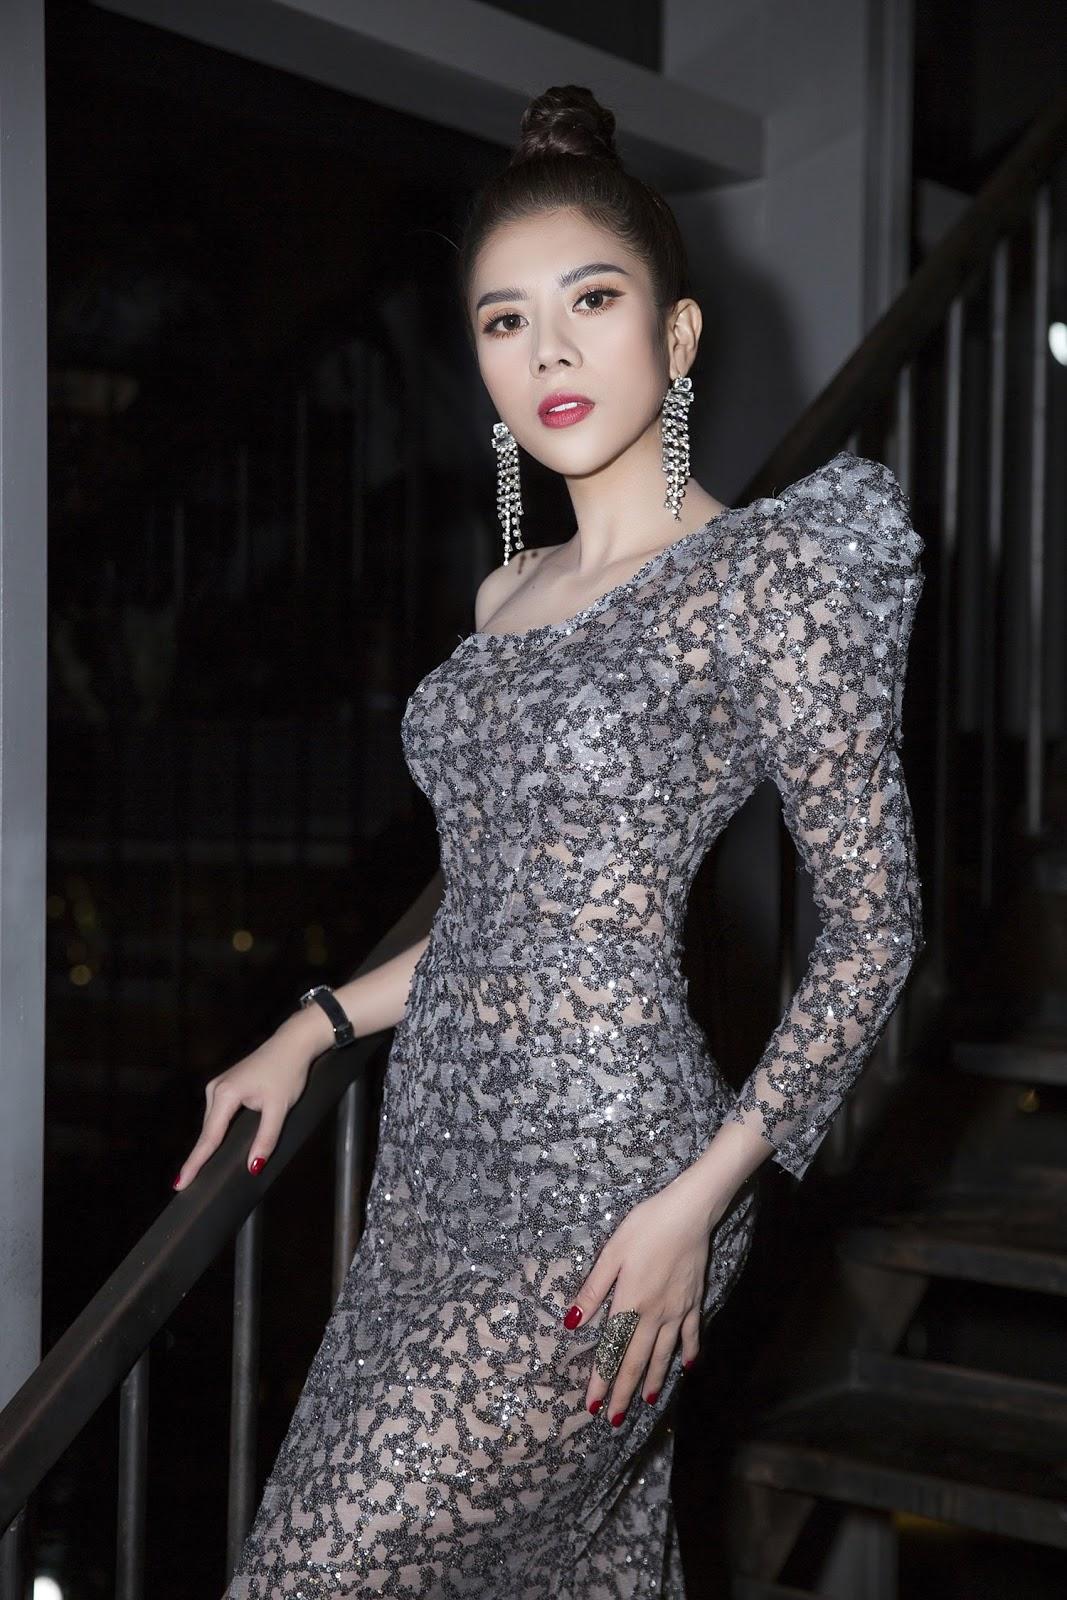 Hoa hậu Dương Yến Nhung: Tôi không phải fan cuồng của hàng hiệu - Hình 4